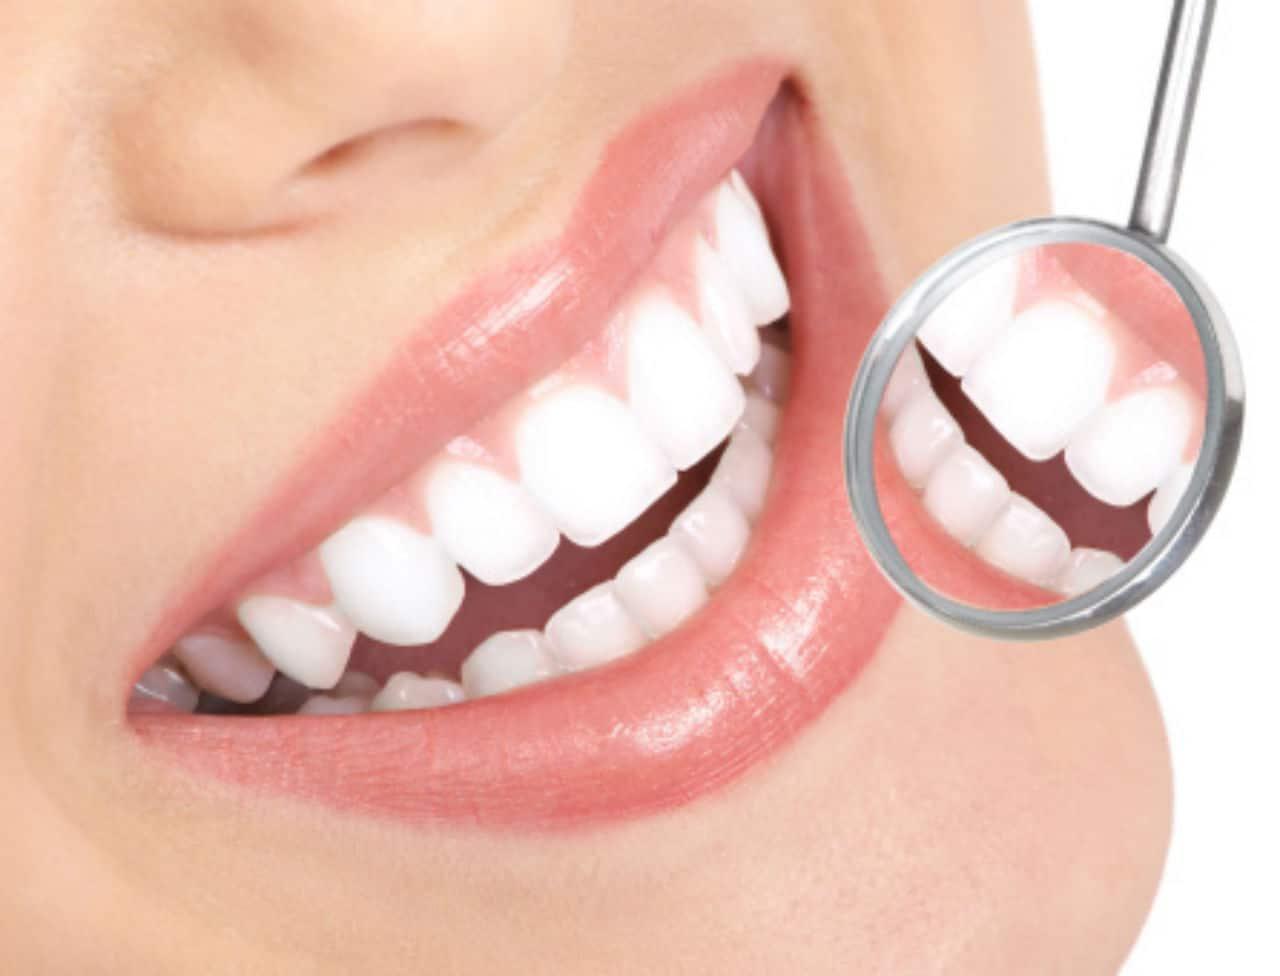 Comment se présente un implant dentaire?